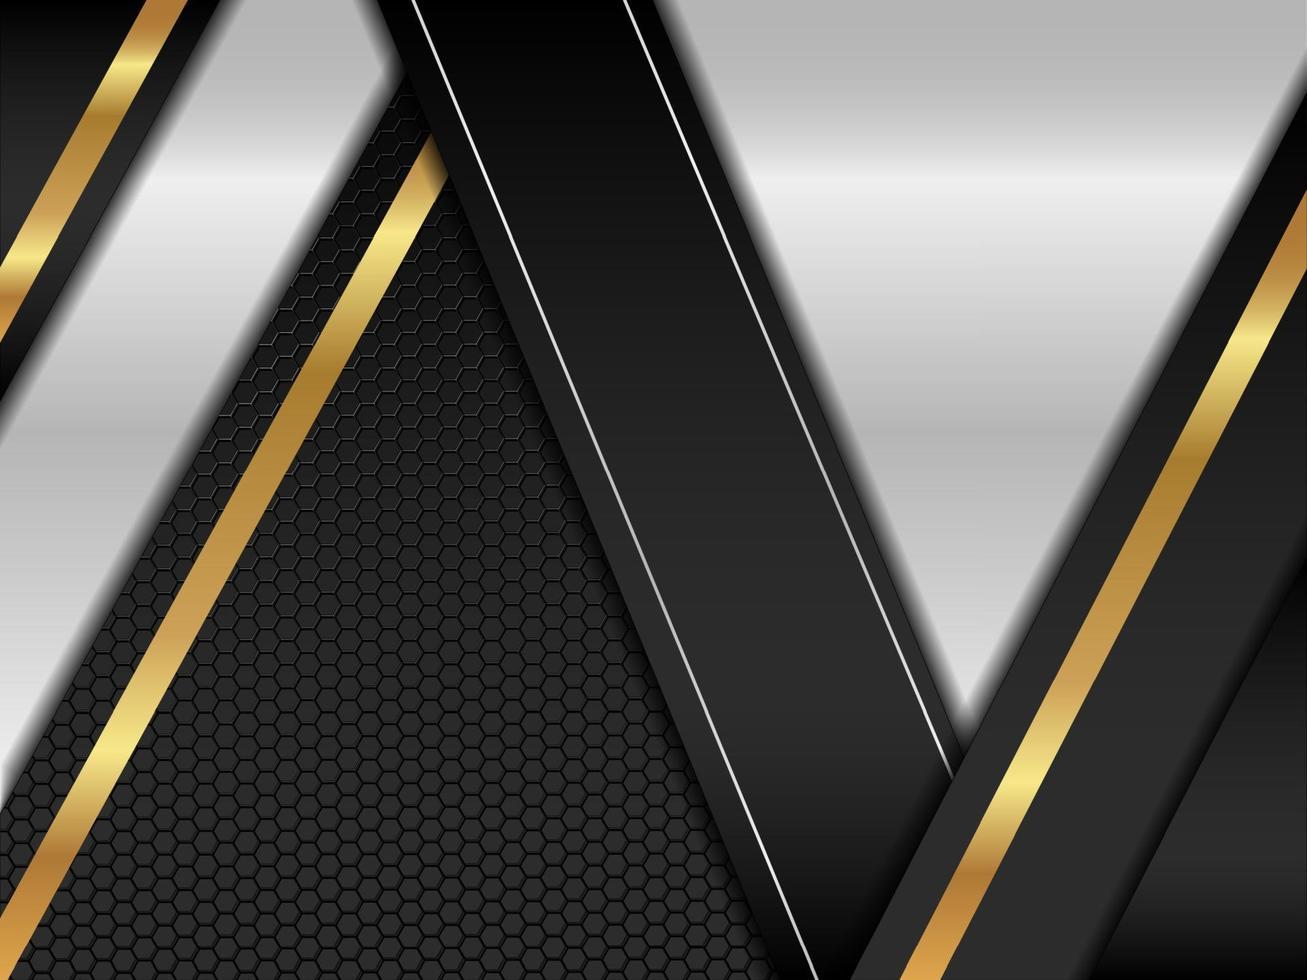 prata abstrata com fundo dourado e preto moderno vetor